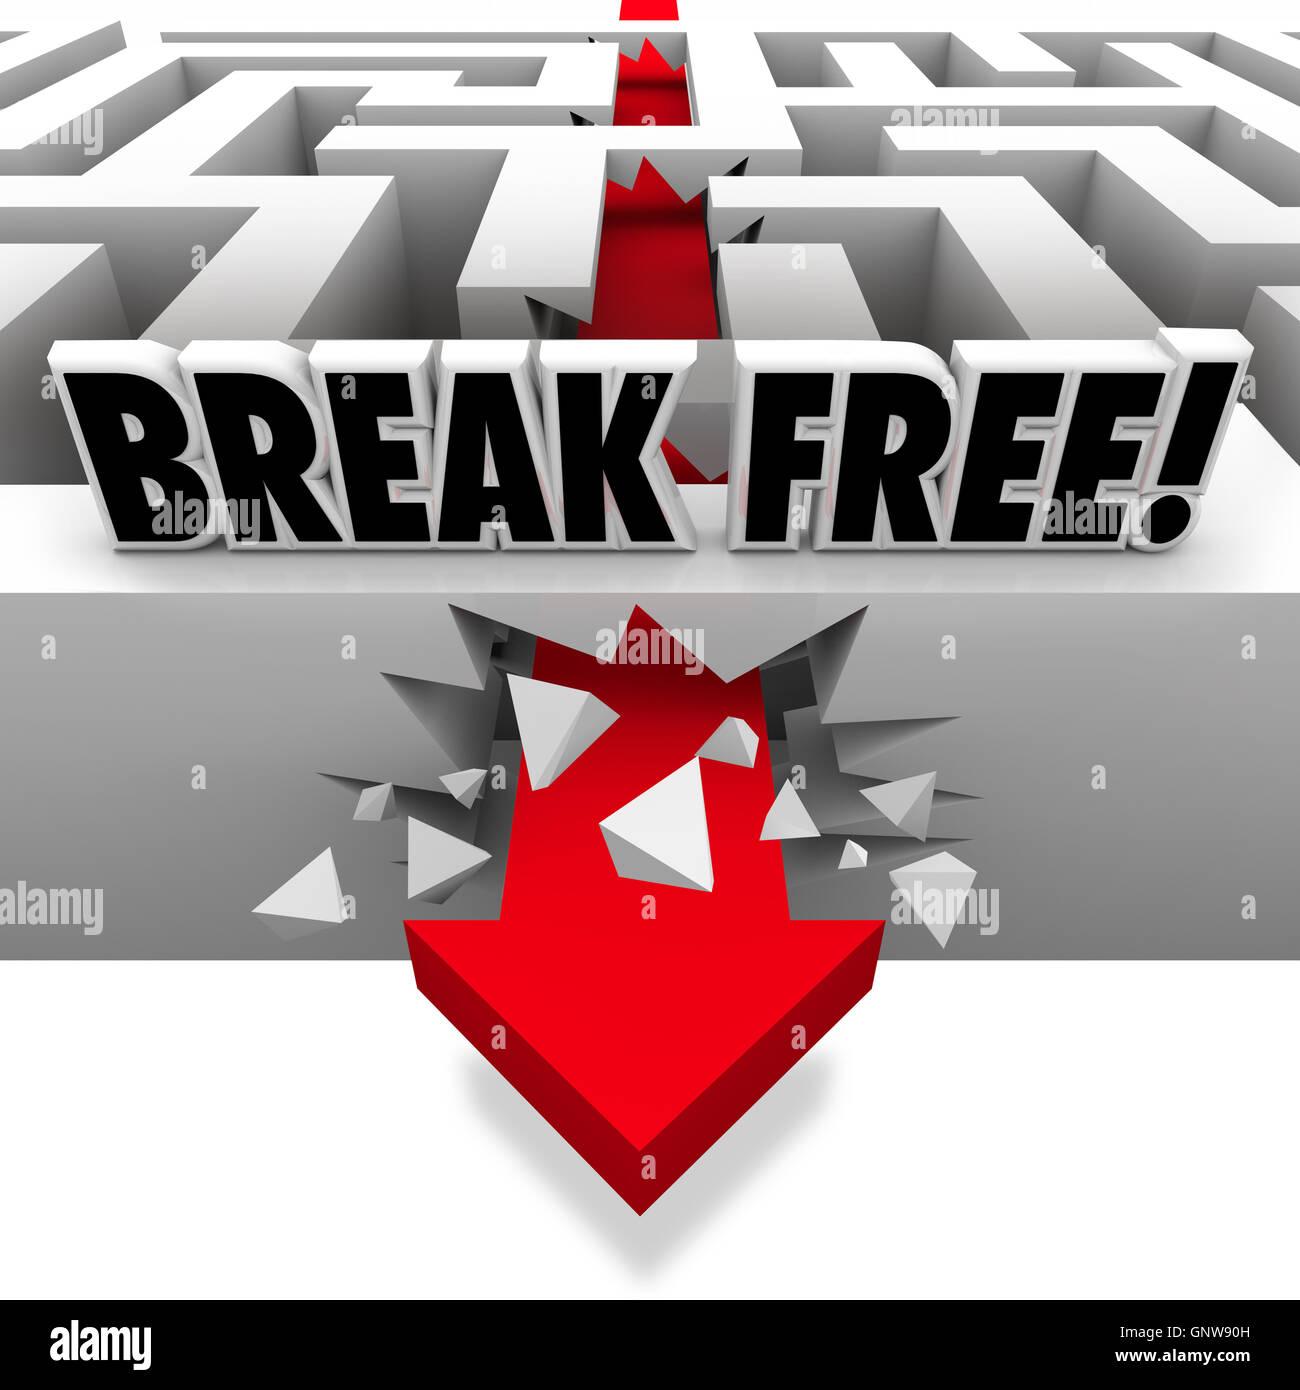 Arrow Breaks Free Through Maze to Freedom Stock Photo